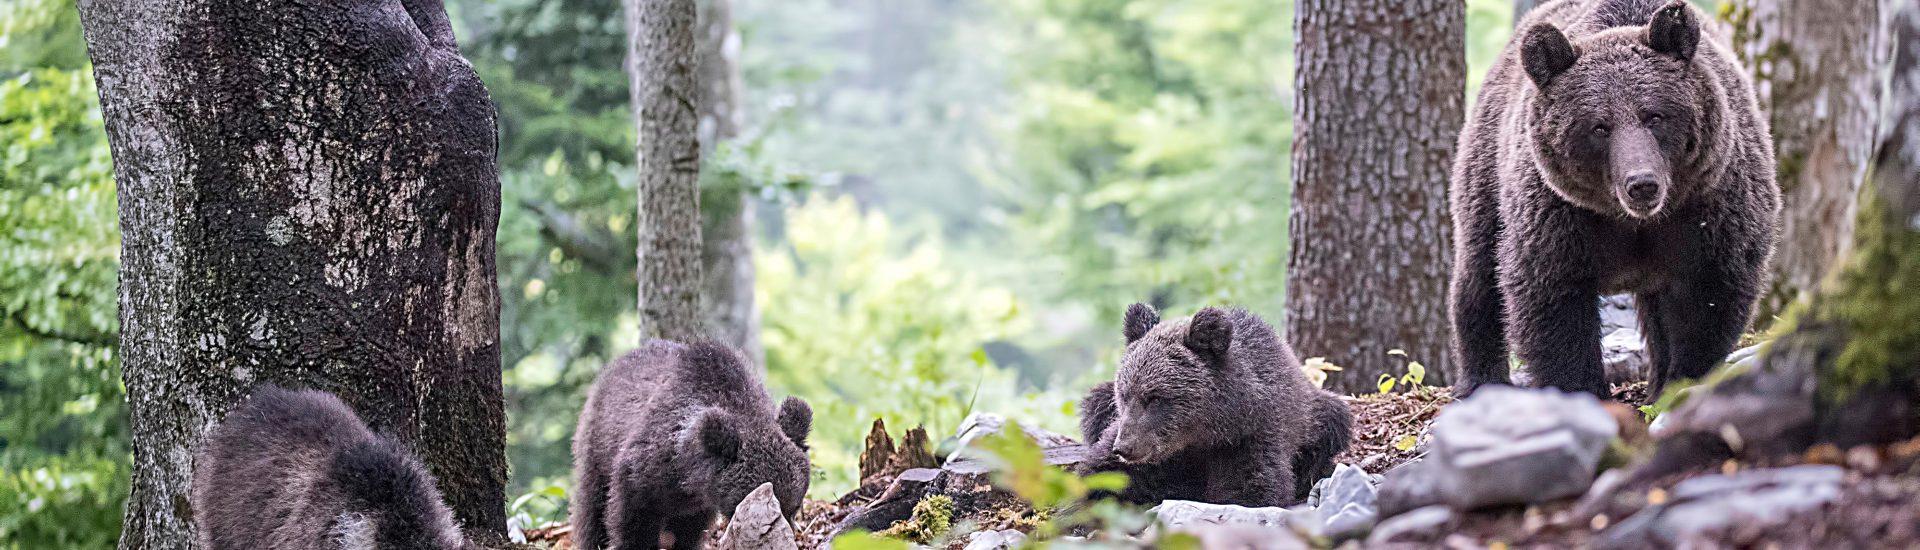 Safari de osos